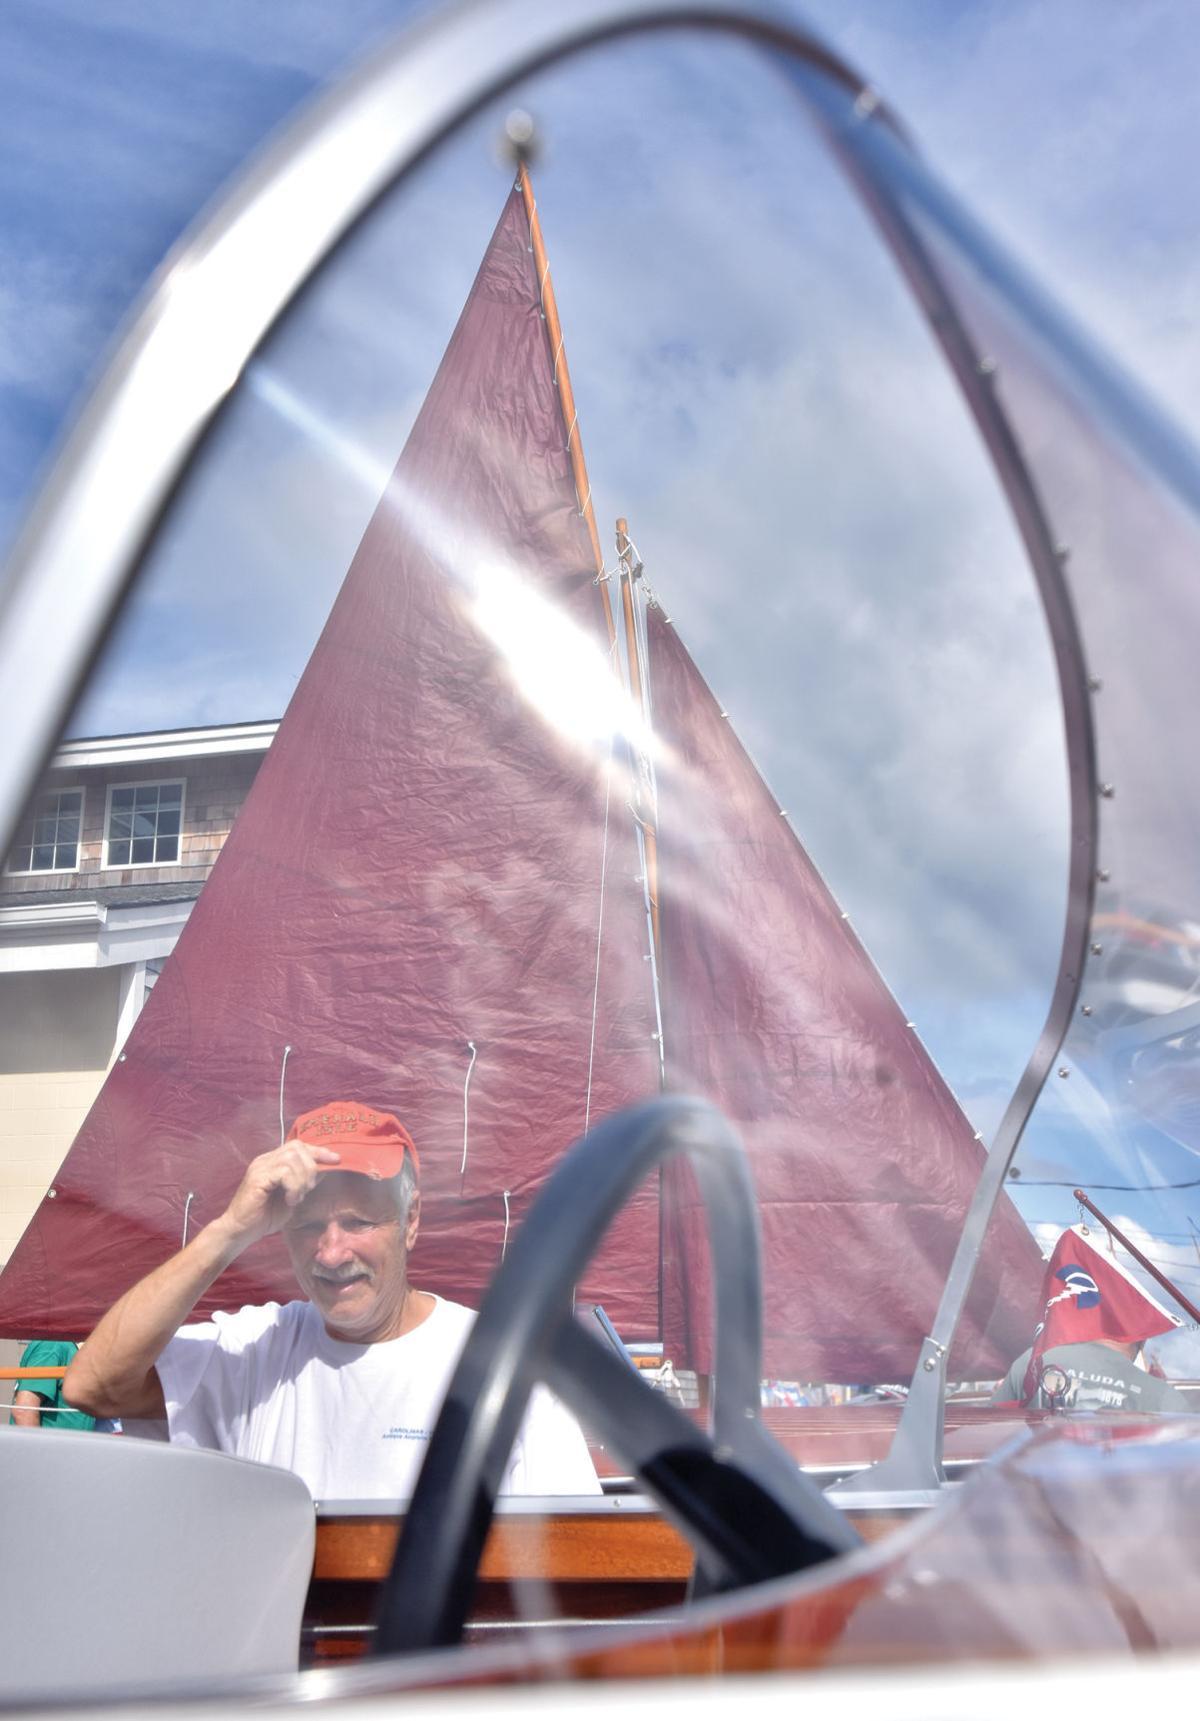 Examining a vessel